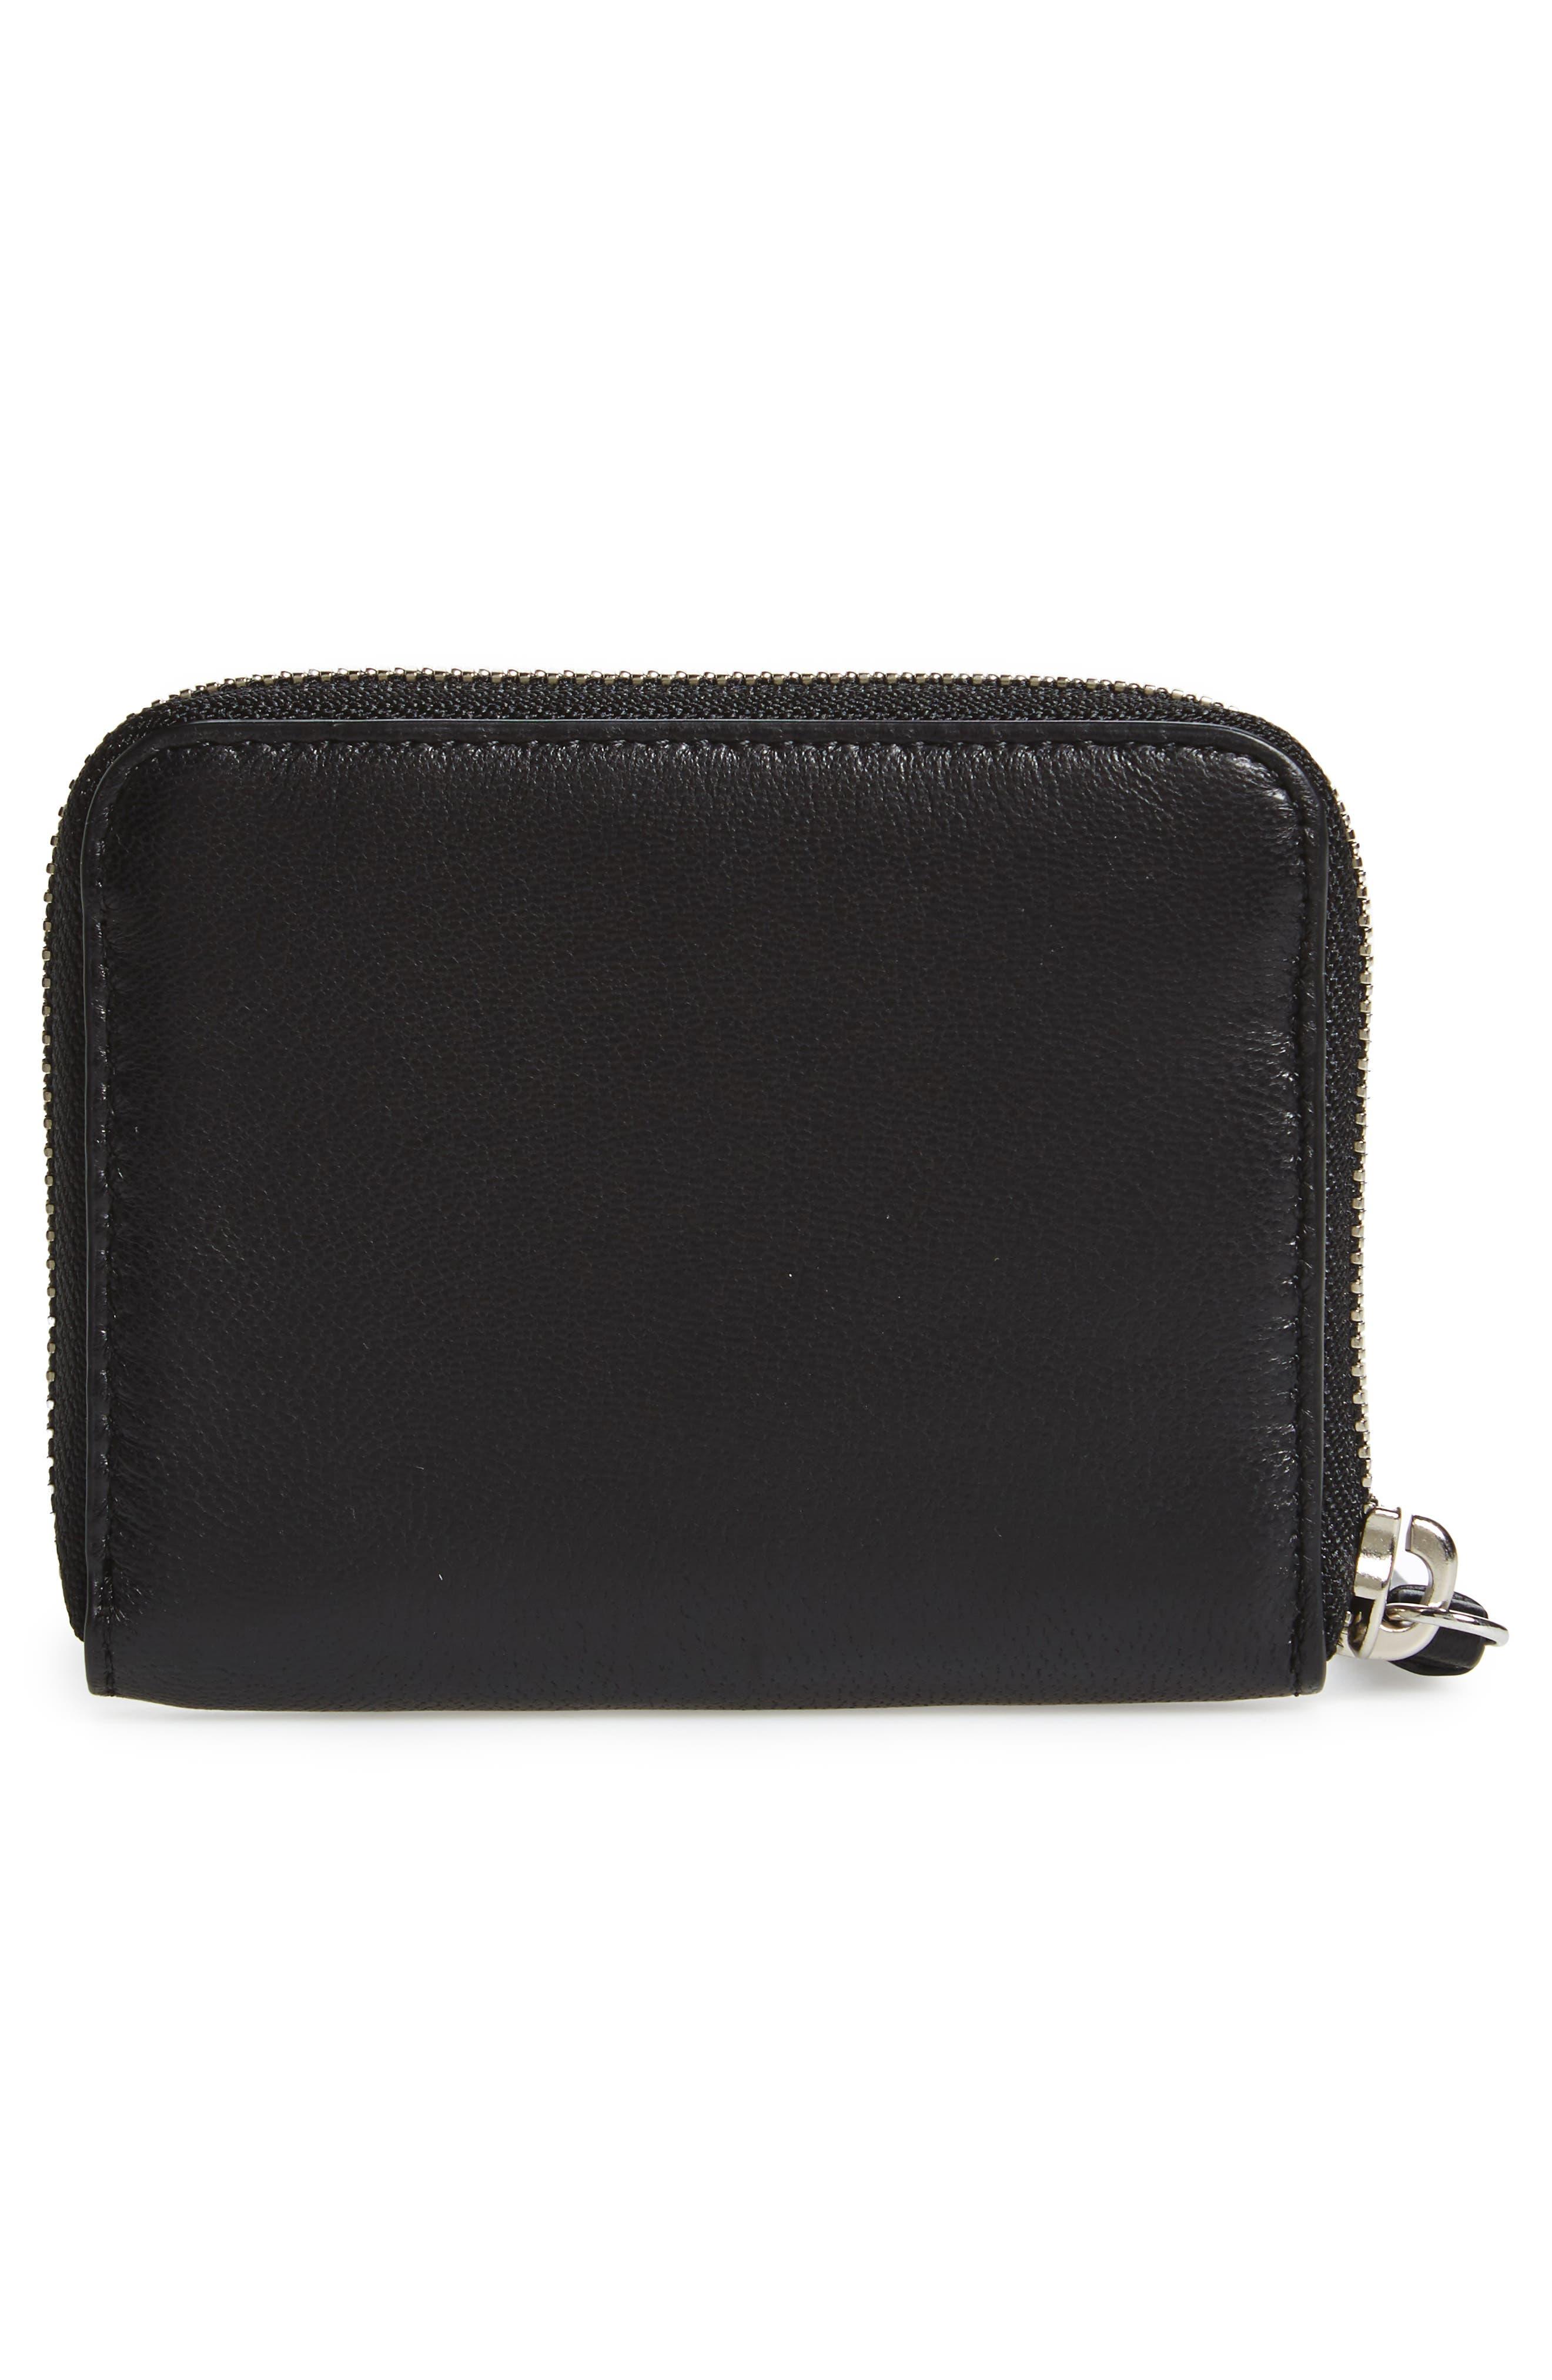 Kanda Mini Zip Wallet,                             Alternate thumbnail 3, color,                             Black